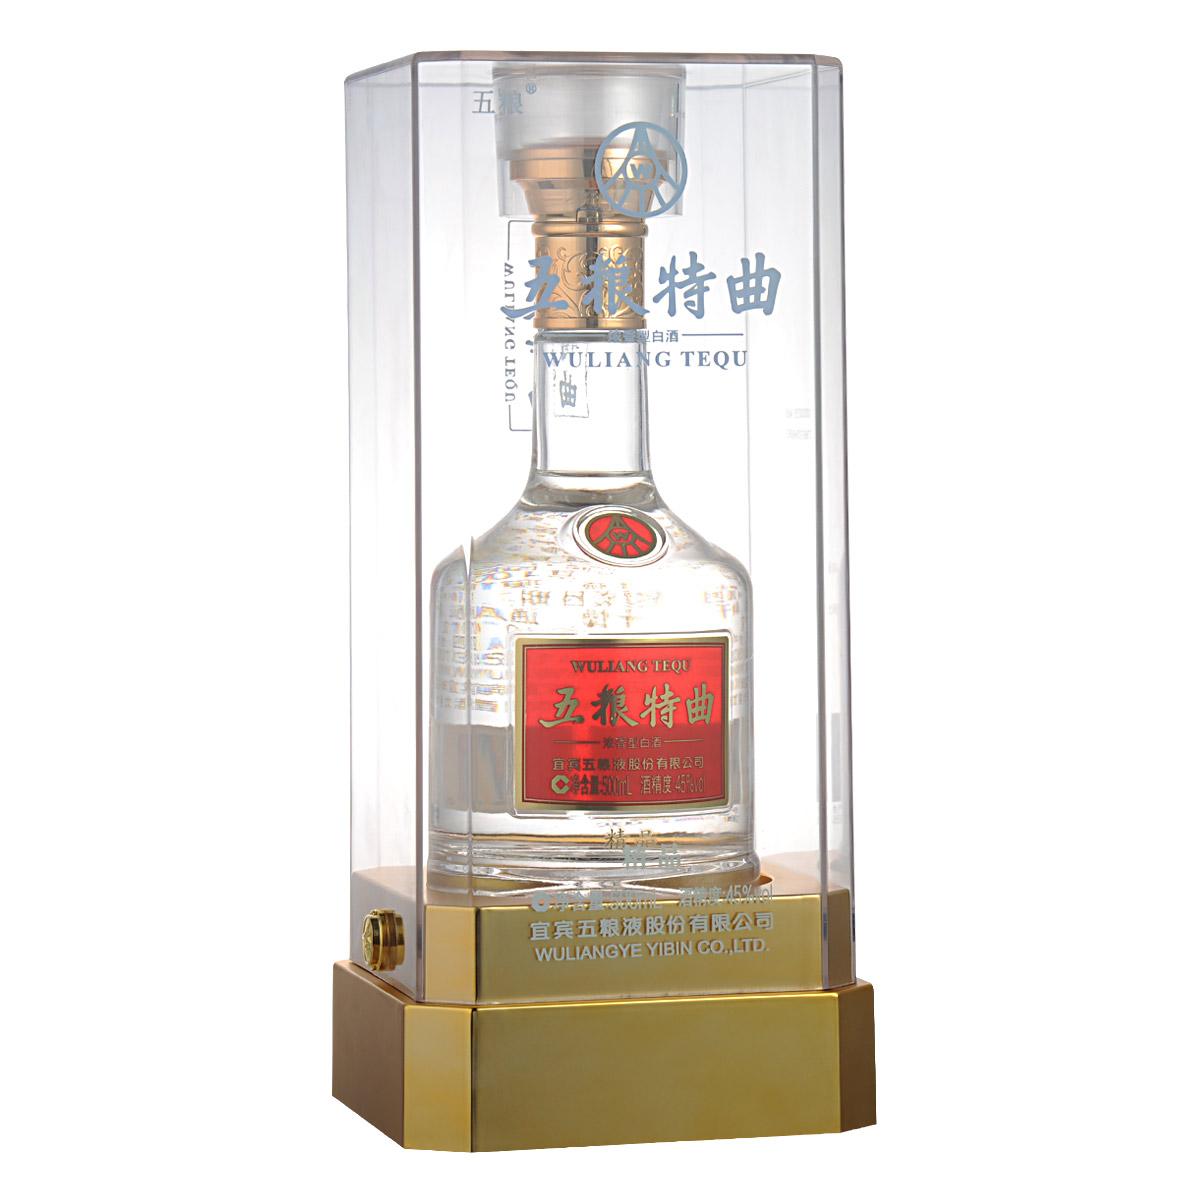 【老酒特卖】45°五粮液特曲(精品)500ml(2013年)